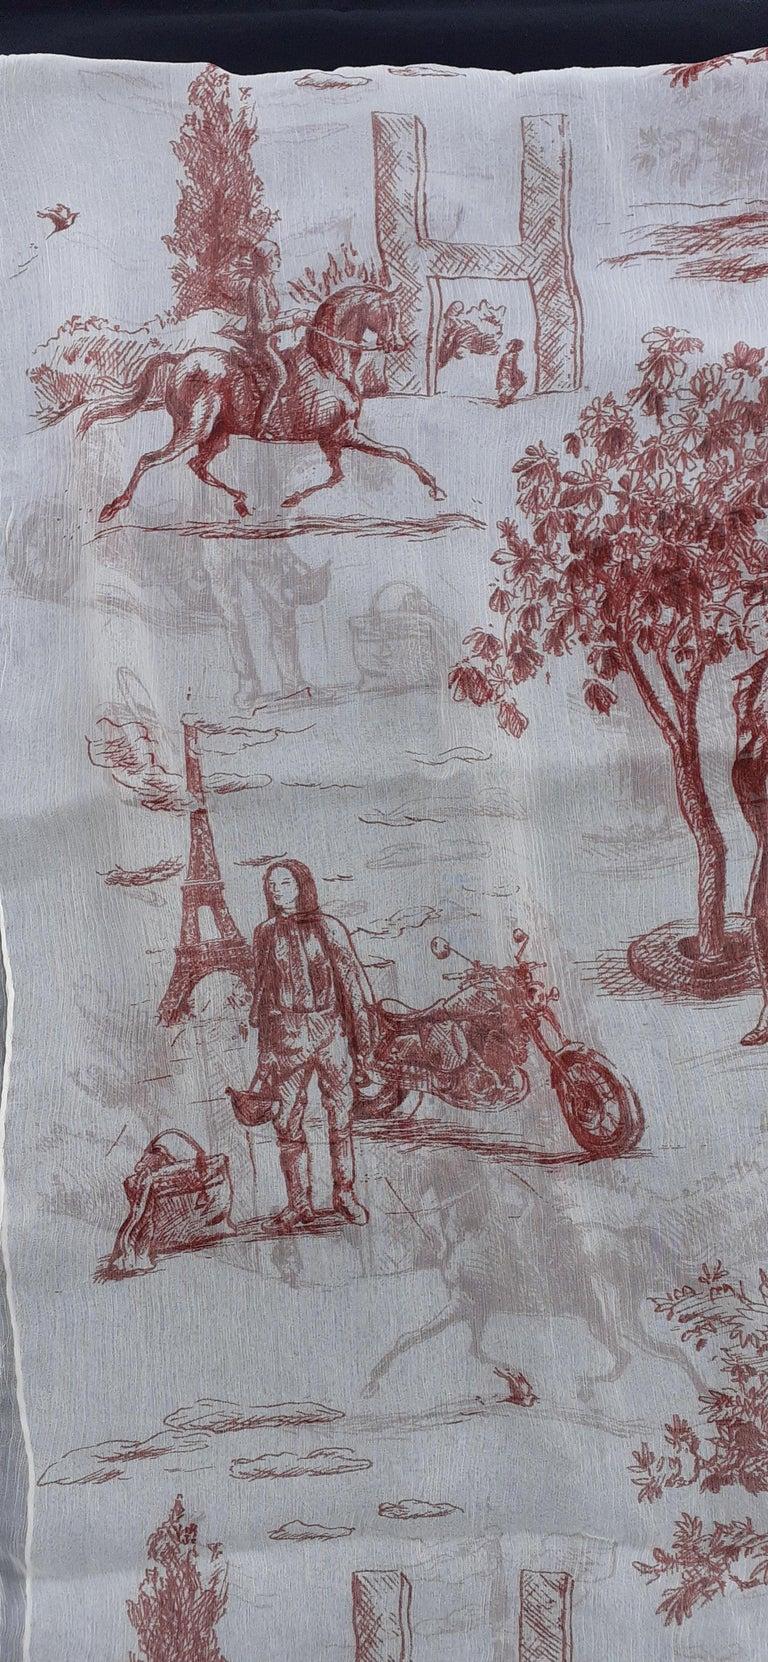 Hermès Chiffon Mousseline Silk Scarf Long Stole Toile de Jouy Pattern Rare For Sale 2